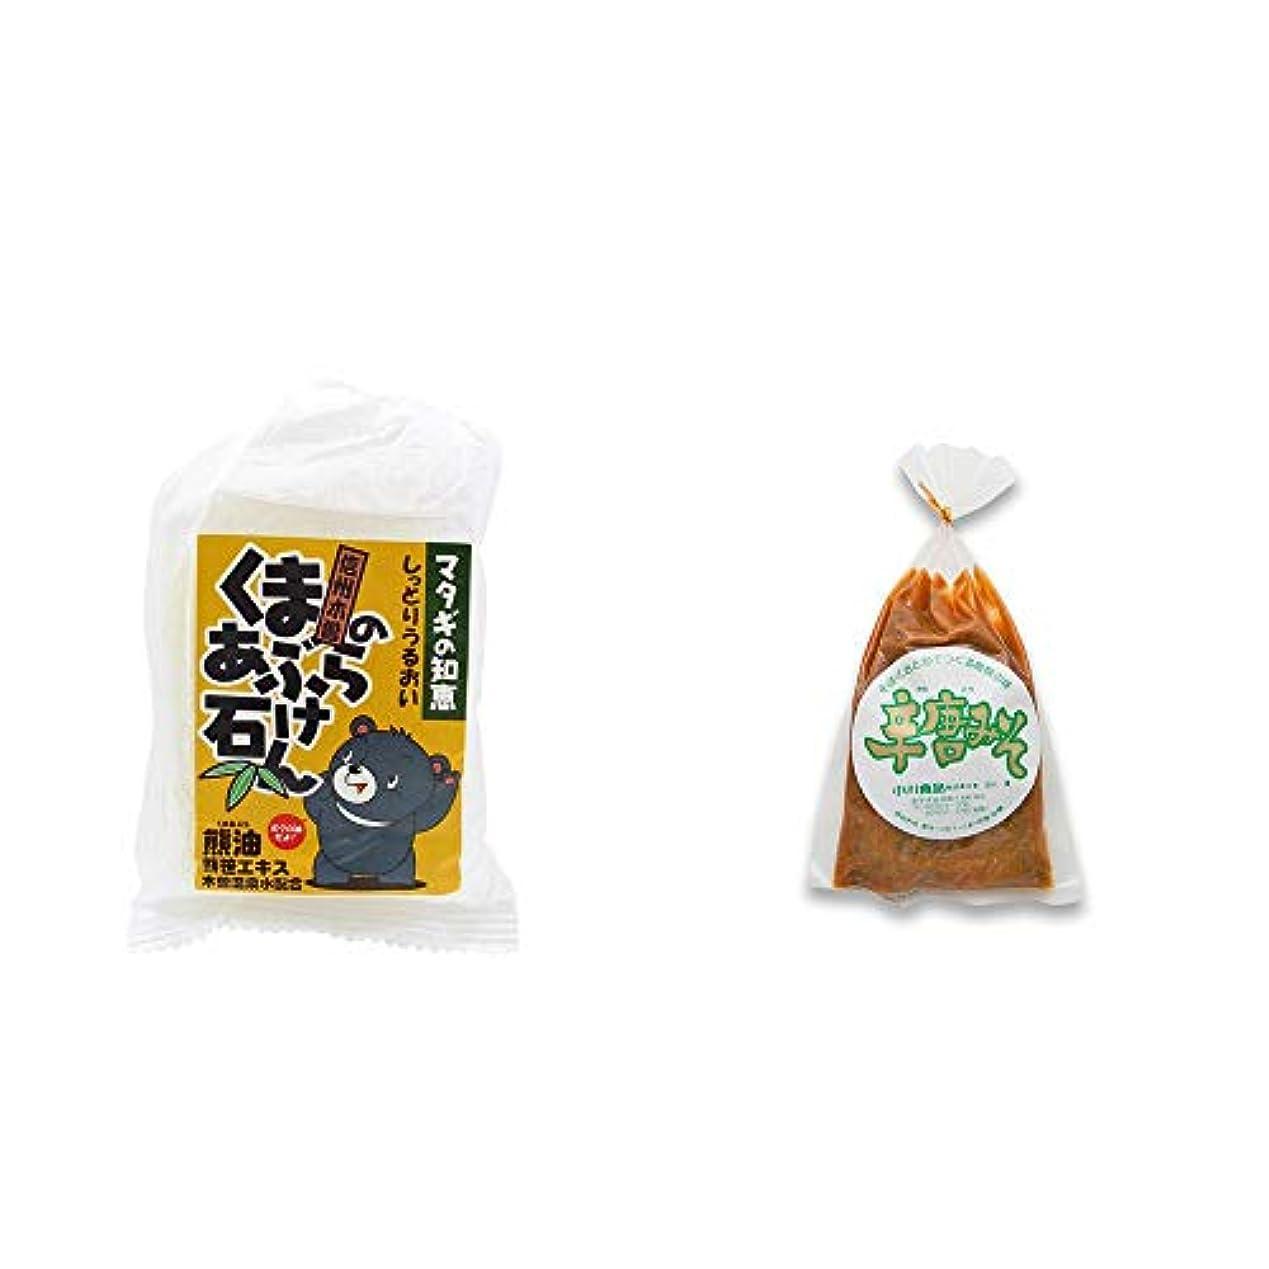 マーキング豆カリキュラム[2点セット] 信州木曽 くまのあぶら石けん(80g)?辛唐みそ(130g)